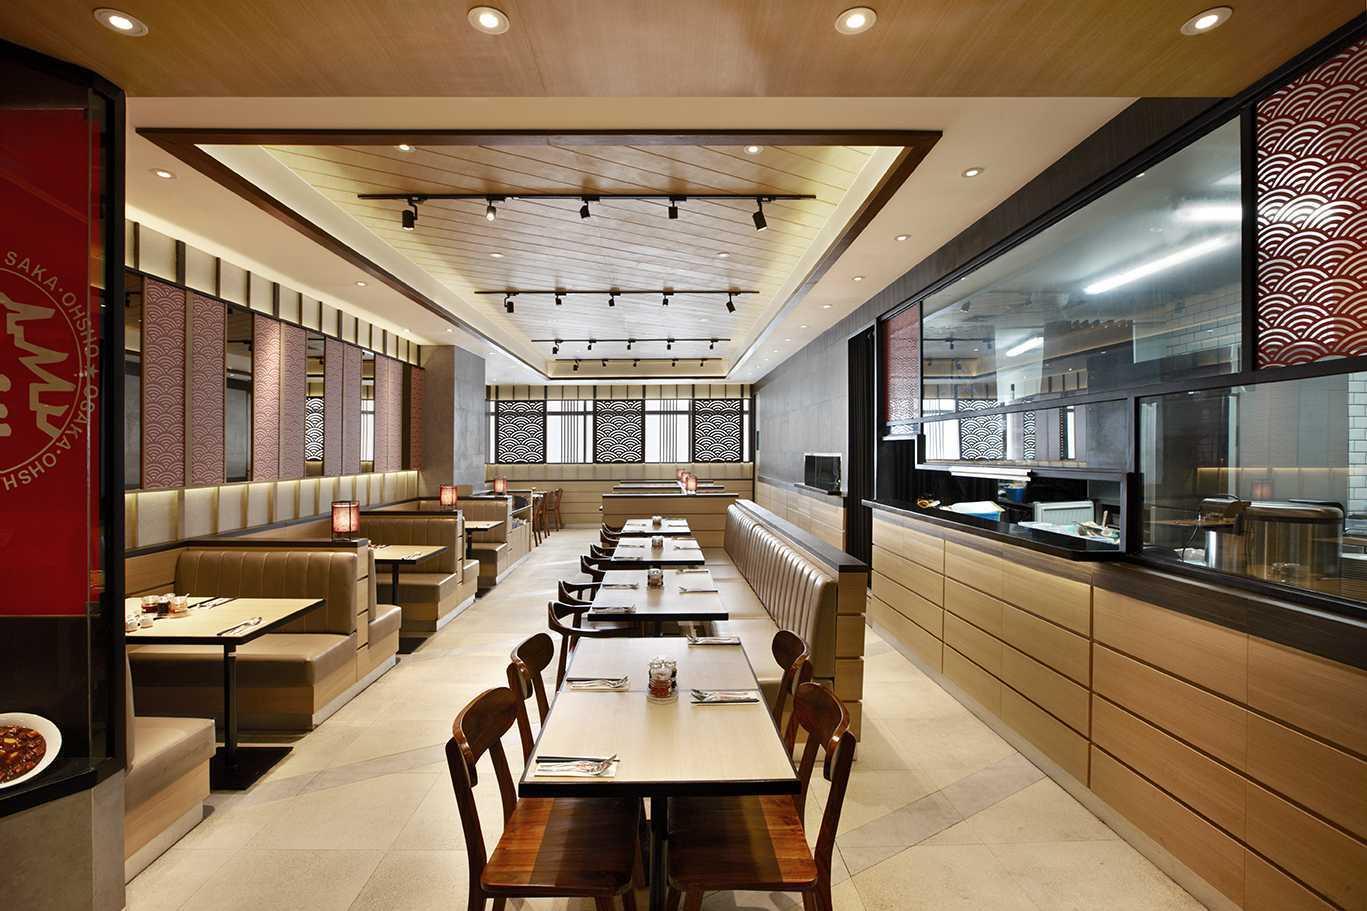 Highstreet Osaka Ohsho Jalan M.h. Thamrin No.1, Menteng, Kebon Melati, Kb. Melati, Tanah Abang, Kota Jakarta Pusat, Daerah Khusus Ibukota Jakarta 10310, Indonesia  Seating Area Restaurant  54122